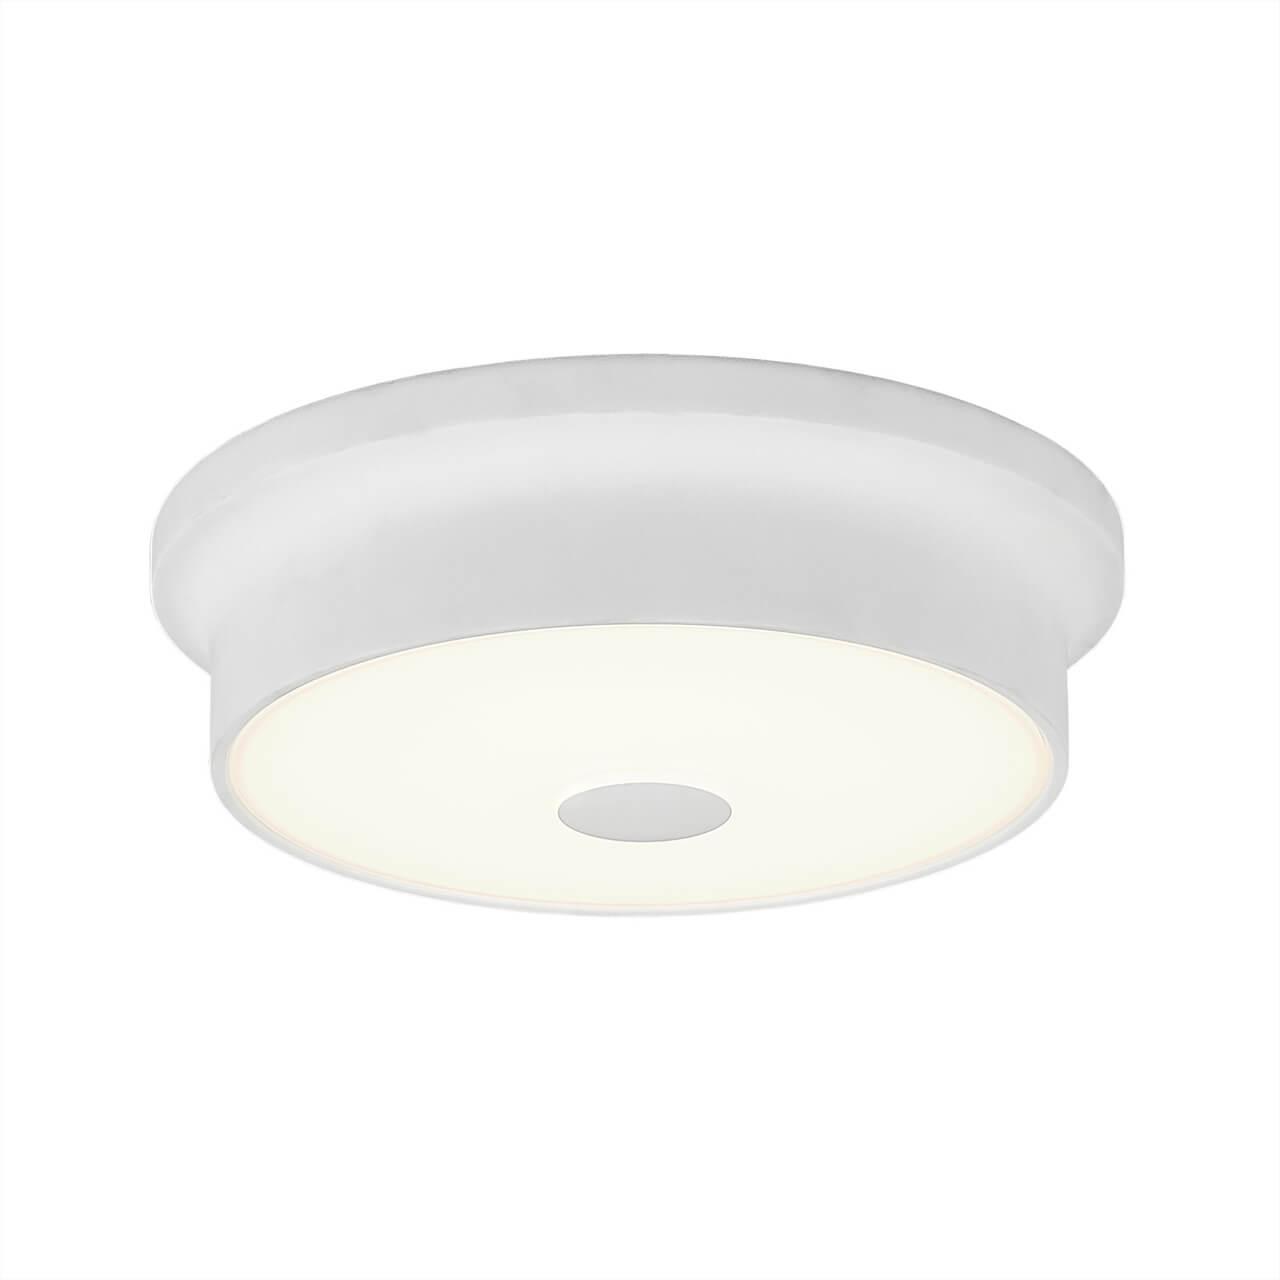 Потолочный светодиодный светильник Citilux Фостер-2 CL706210 потолочный светодиодный светильник citilux фостер 2 cl706210